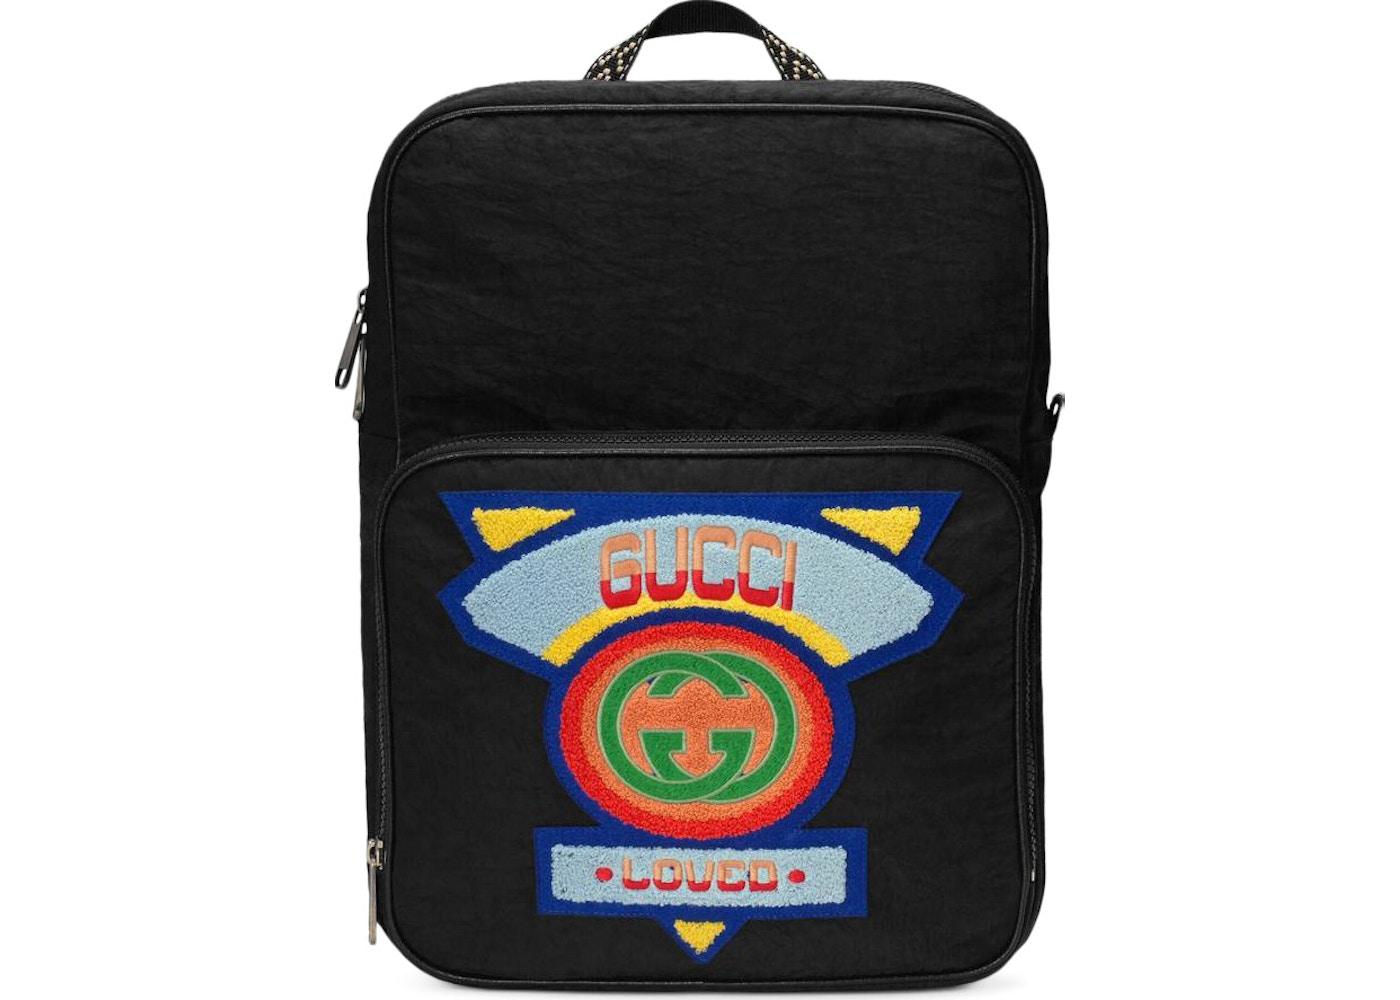 1abec91e15a4 Gucci Backpack 80s Patch Medium Black